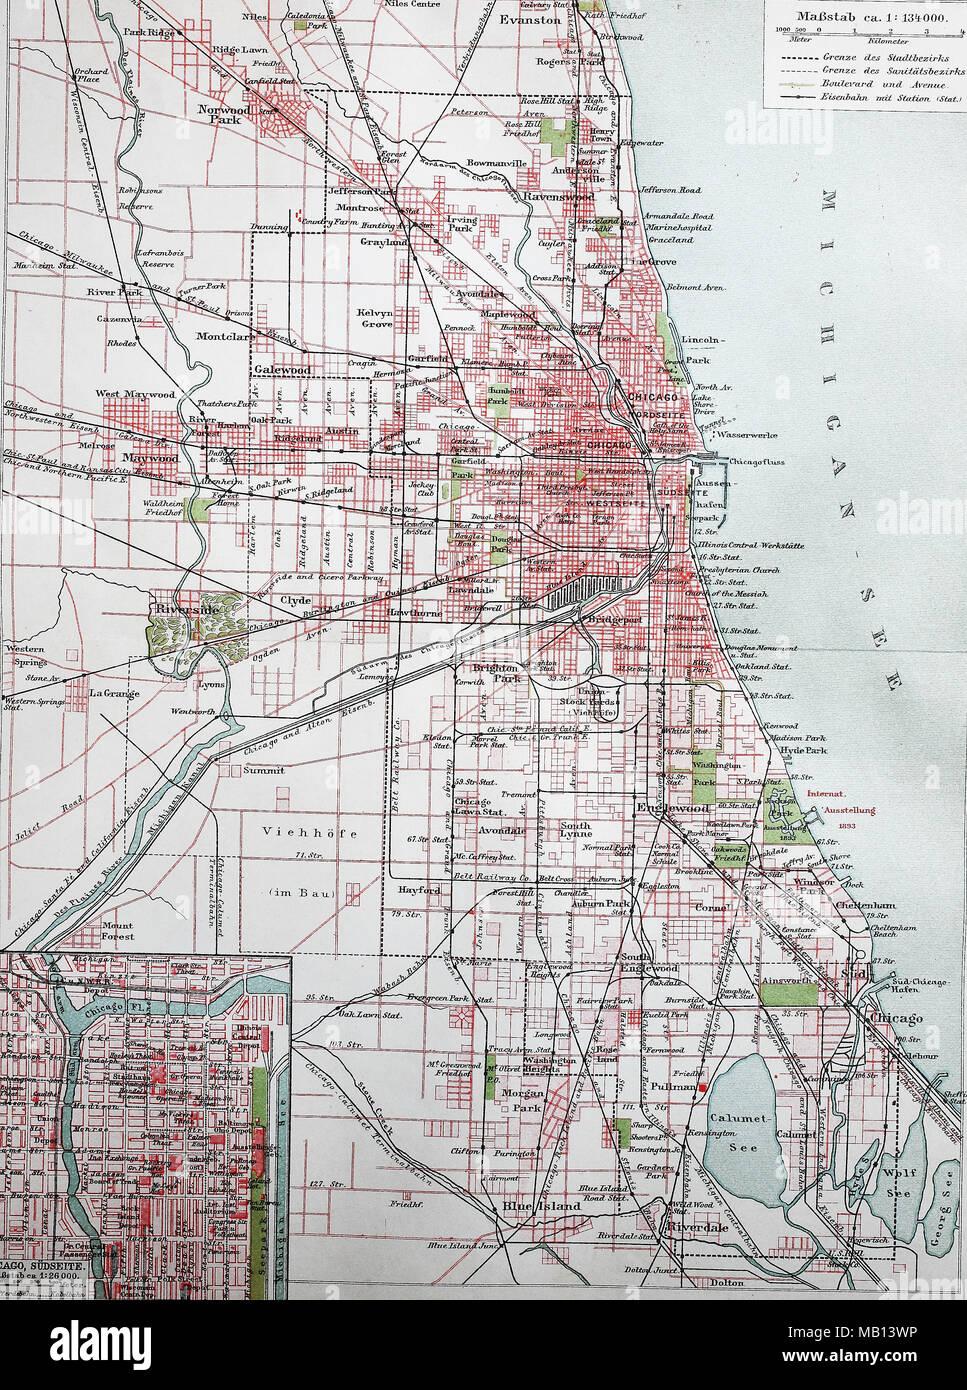 Map Of America Showing Chicago.Stadtplan Von Chicago 1895 City Map Of Chicago America